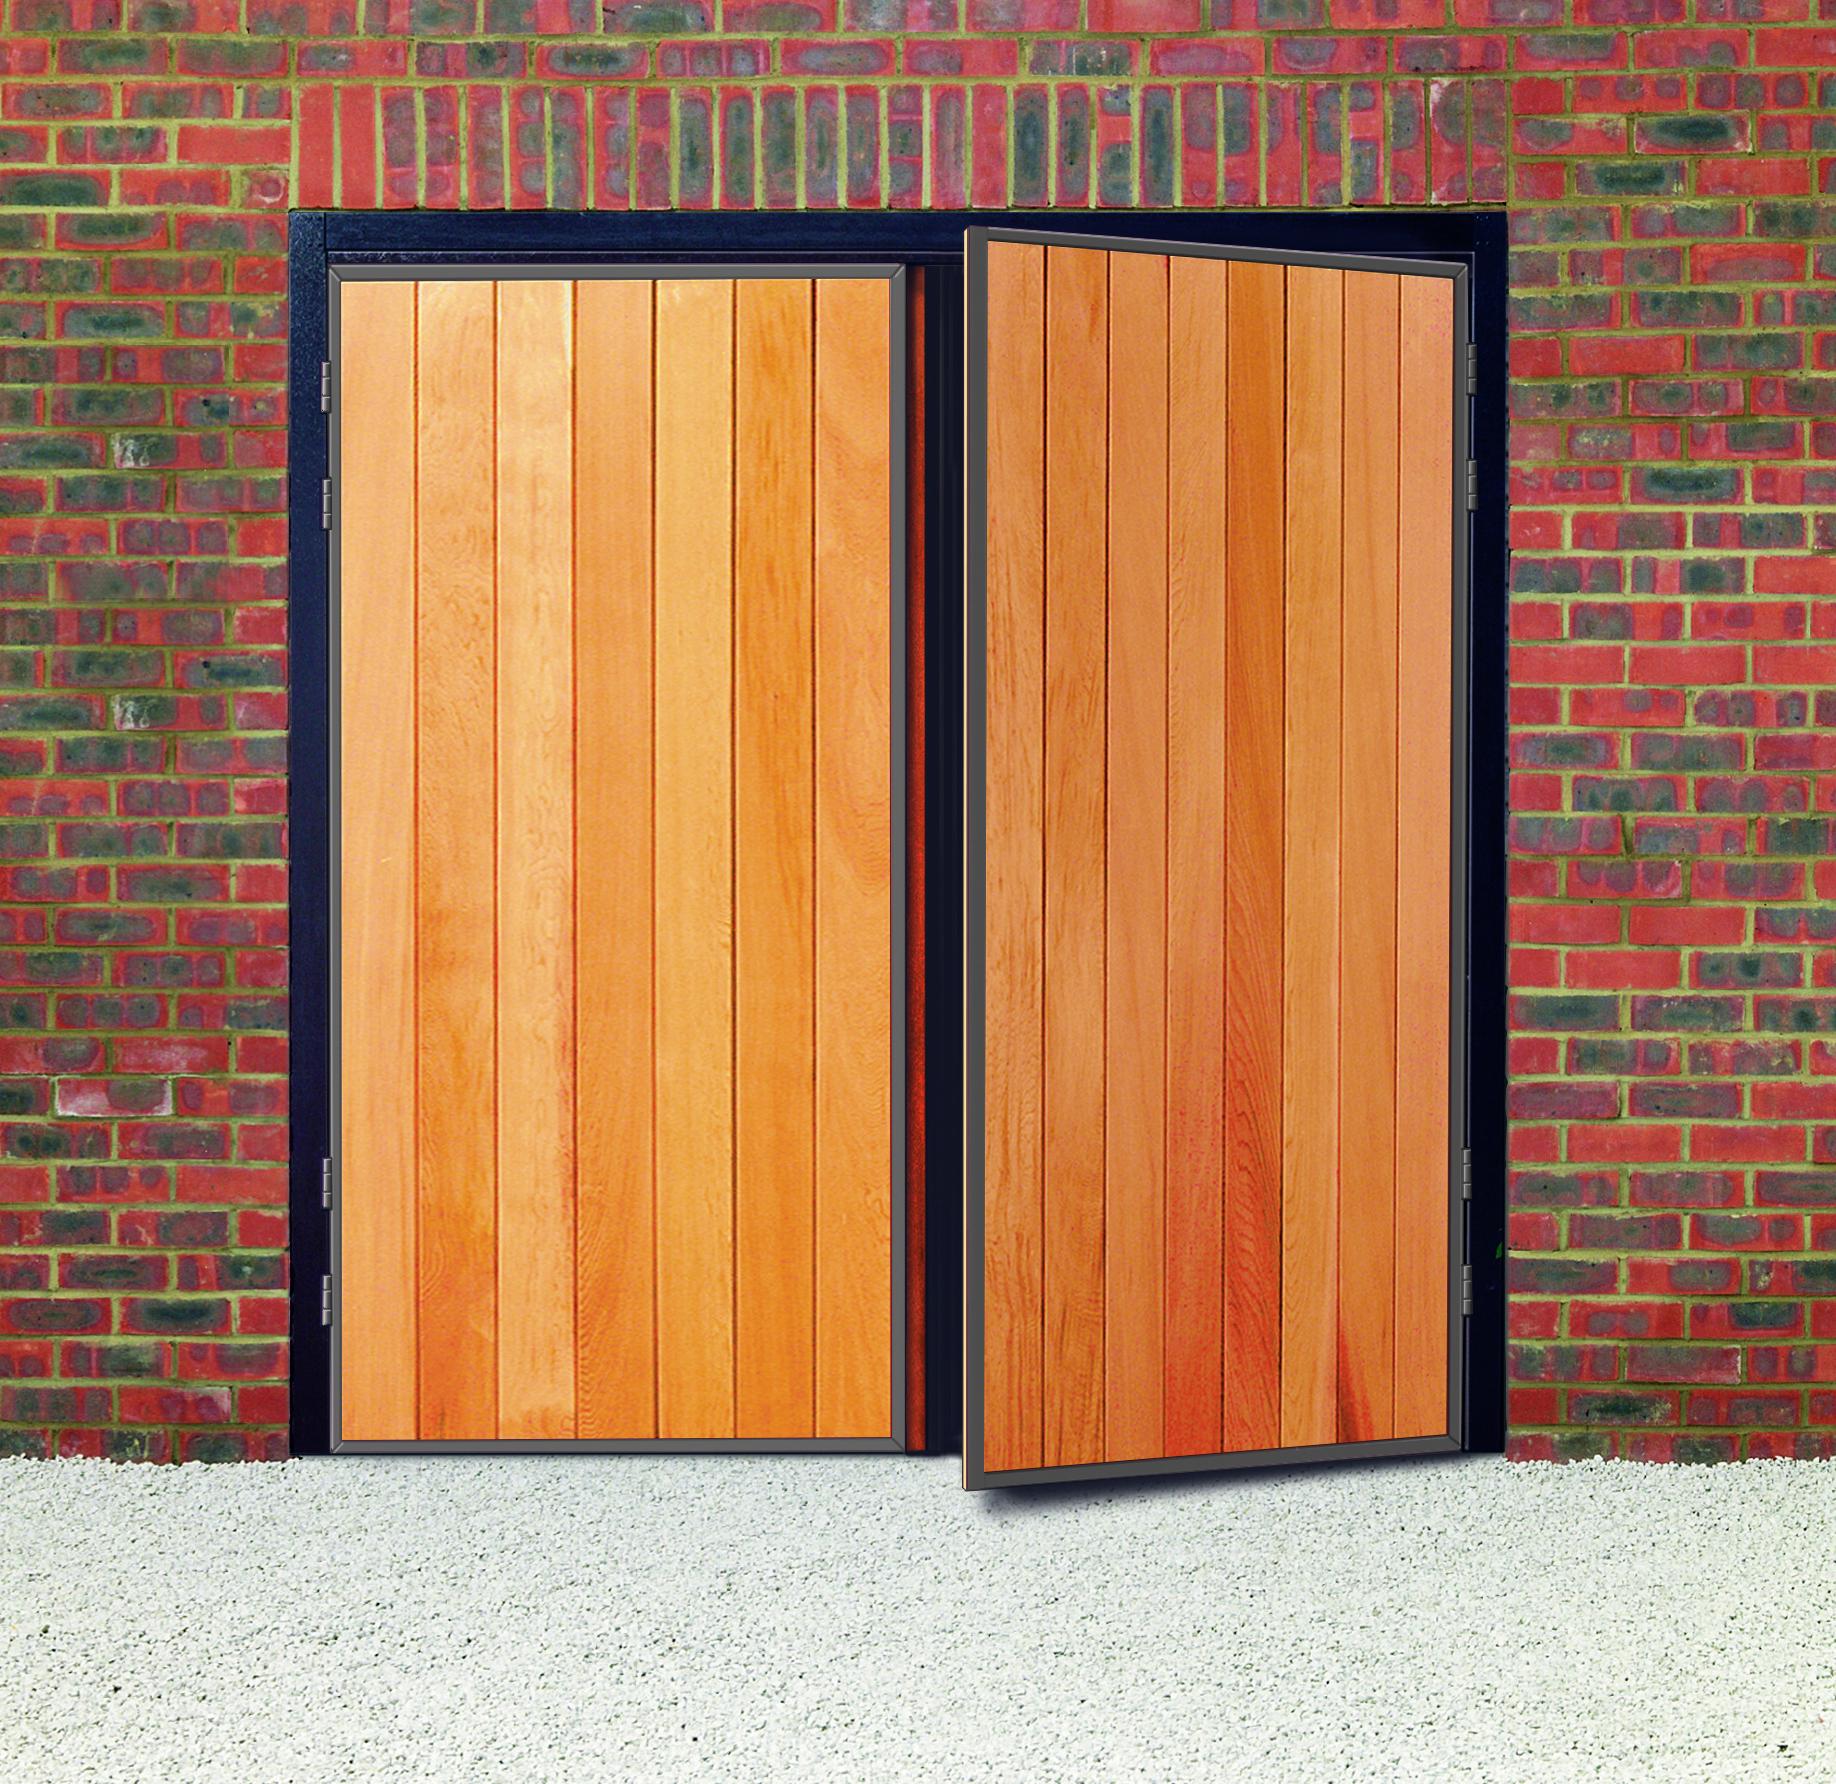 1784 #B26819  Cardale Garage Doors Cardale Garage Door Repairs Garage Doors  picture/photo Garage Doors Suppliers 36991836